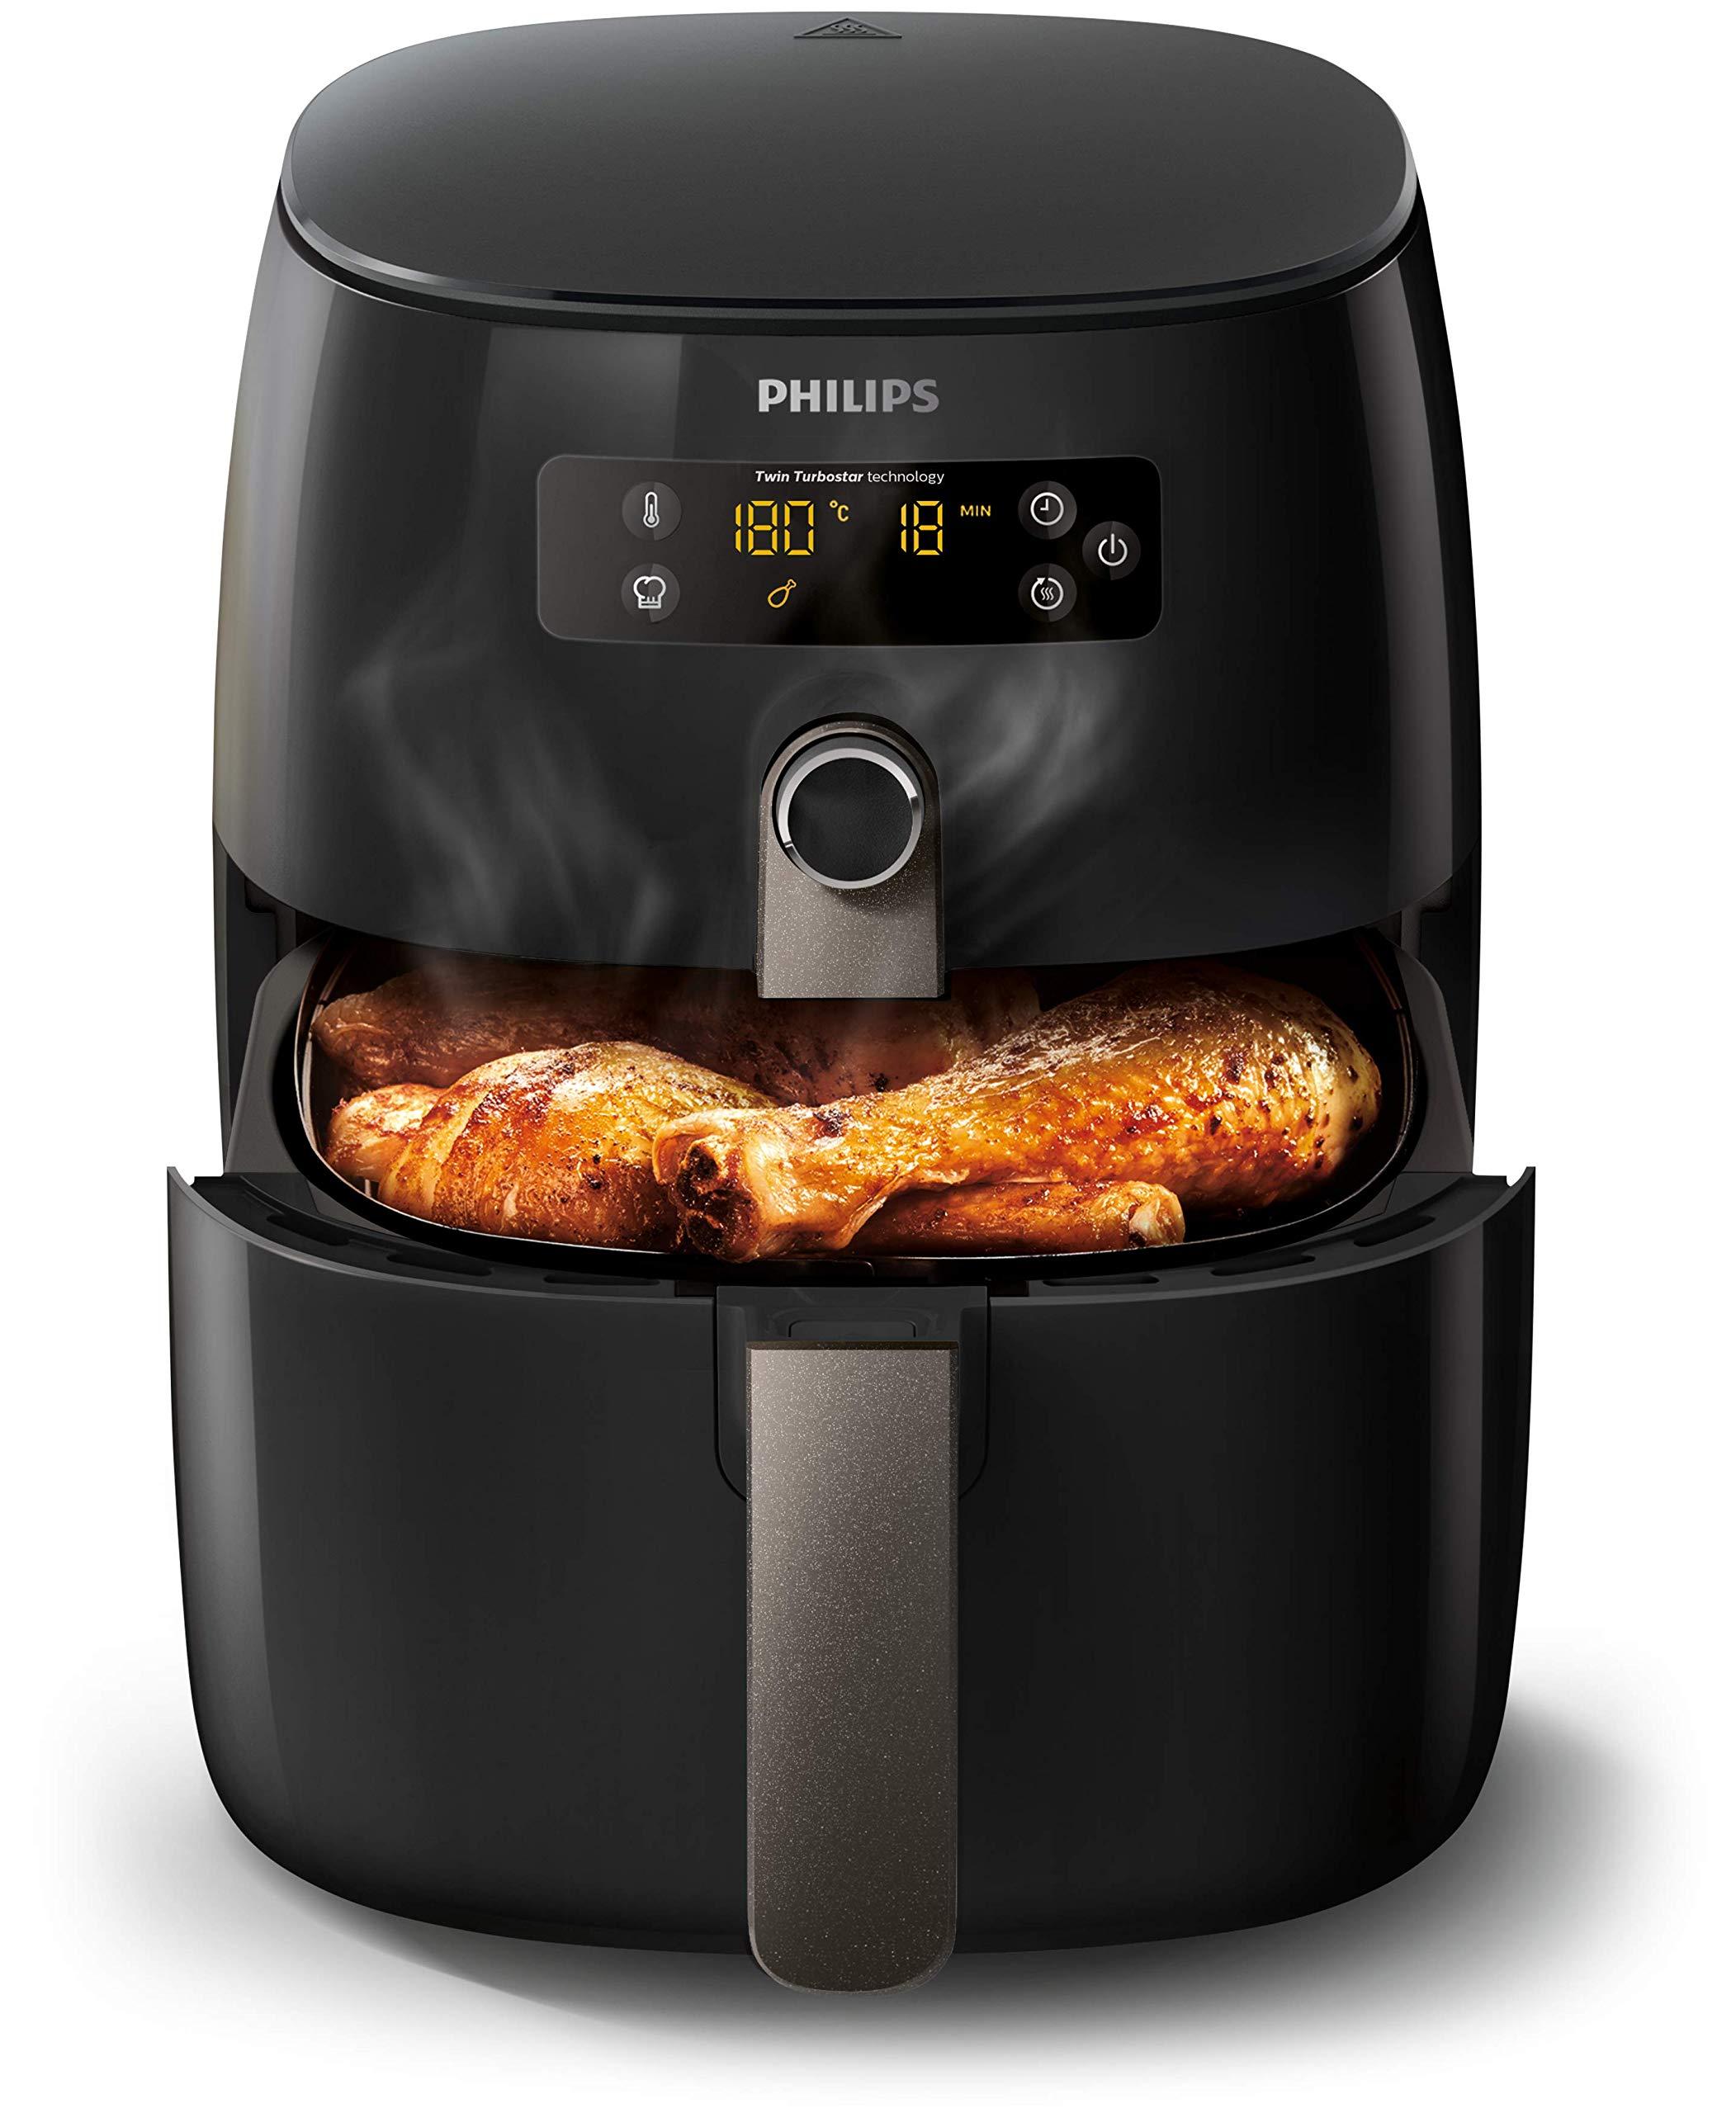 Philips HD9741/10 Airfryer sıcak hava fritözü (1425 W, yağsız, 0,8 kg, 2-3  kişi için, dijital ekran) siyah: Amazon.com.tr